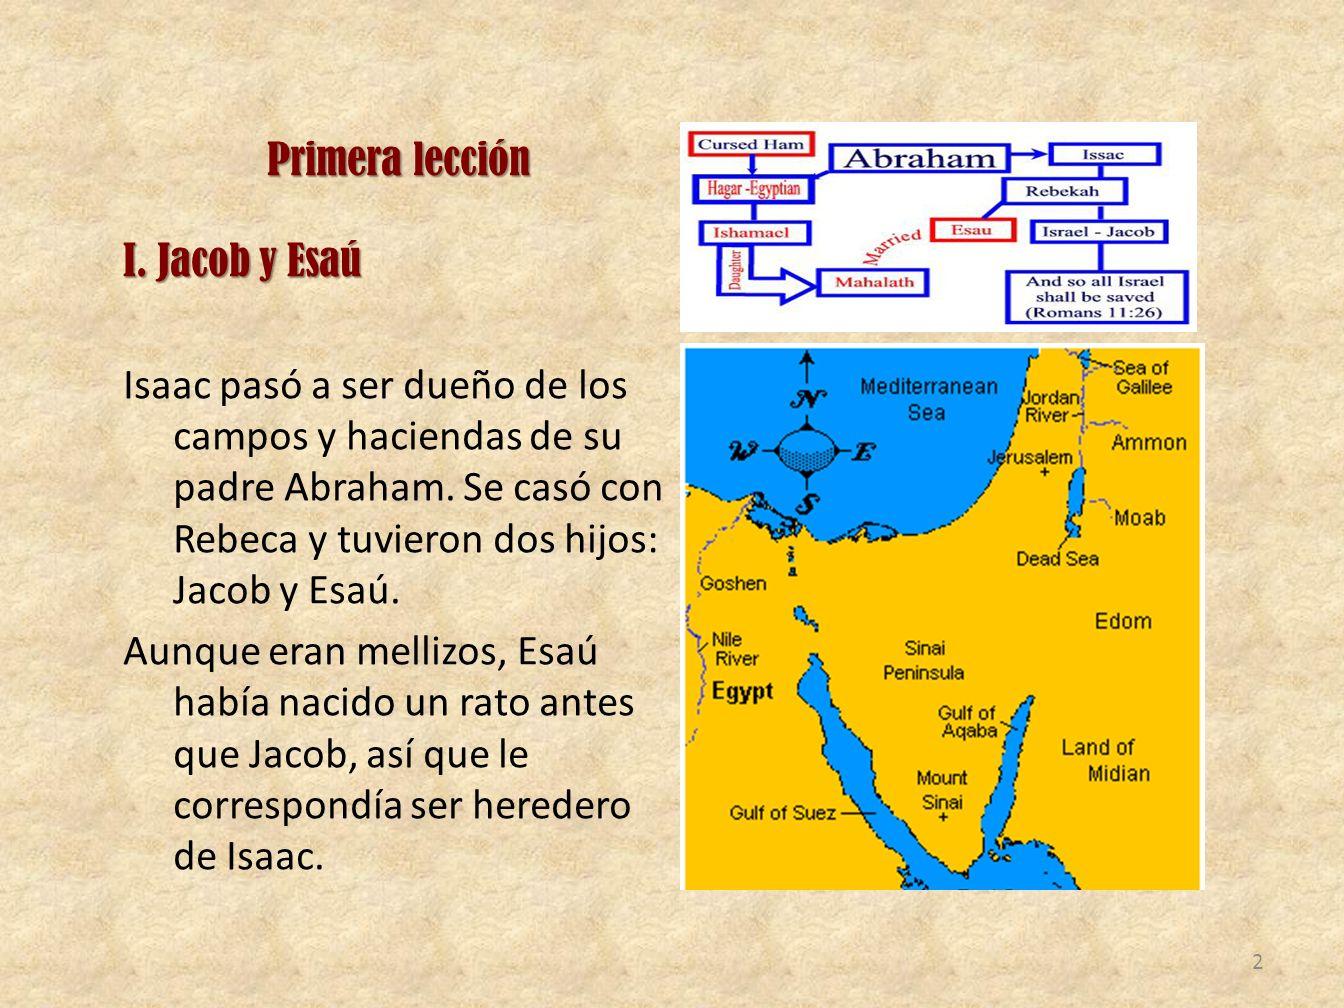 Primera lección I. Jacob y Esaú Isaac pasó a ser dueño de los campos y haciendas de su padre Abraham. Se casó con Rebeca y tuvieron dos hijos: Jacob y